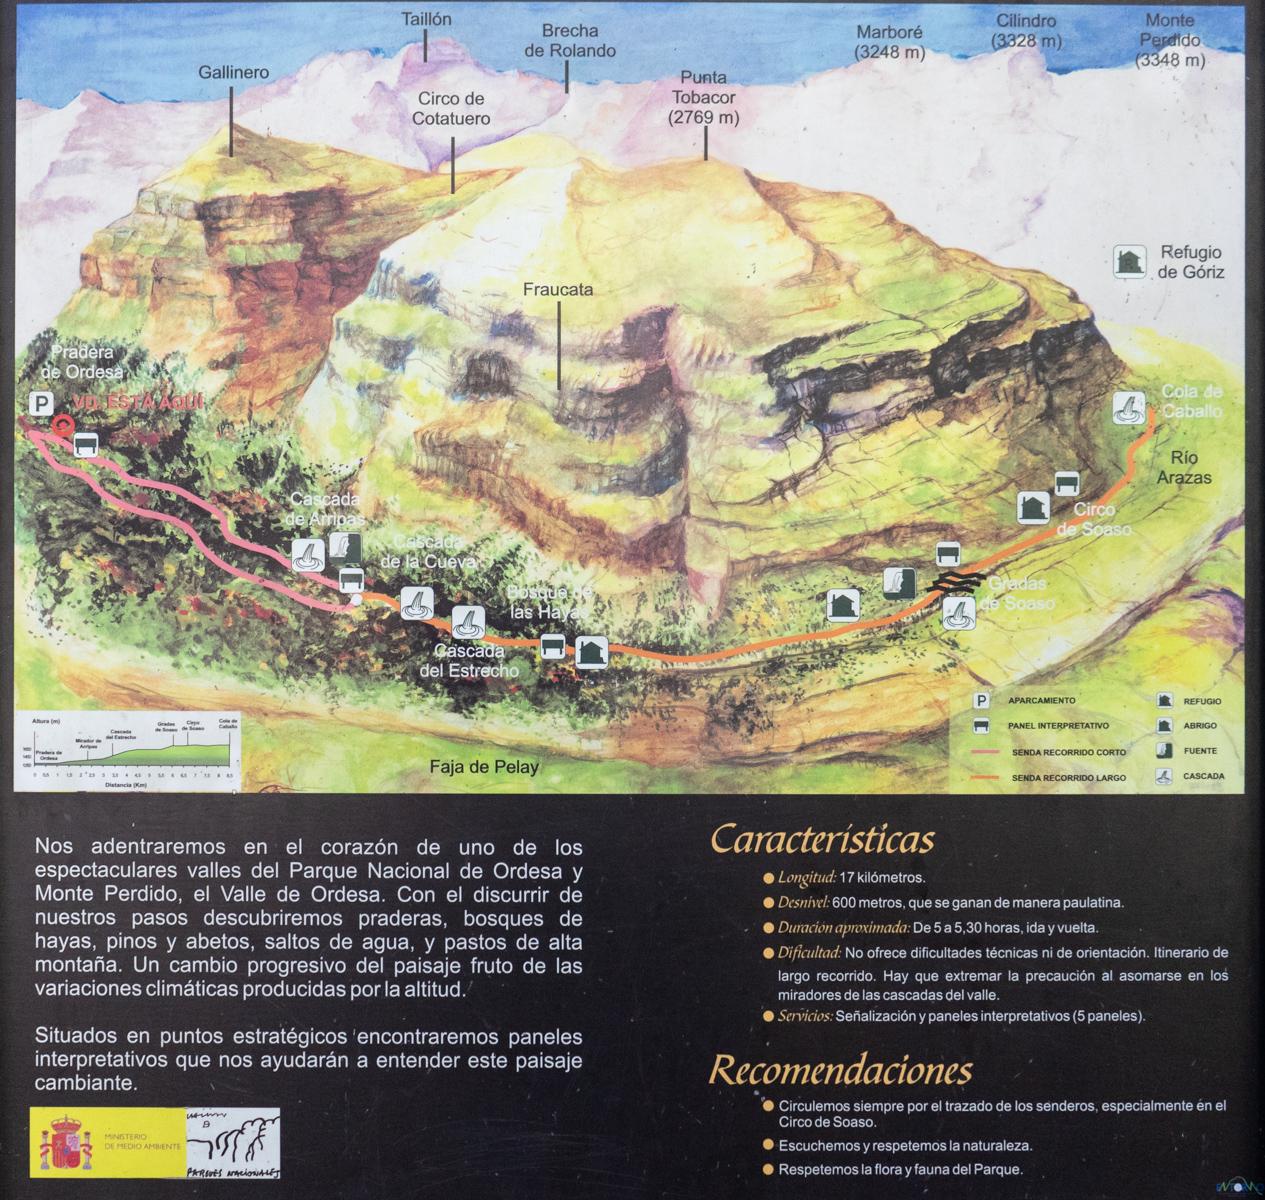 Waterfalls Parque Nacional de Ordesa